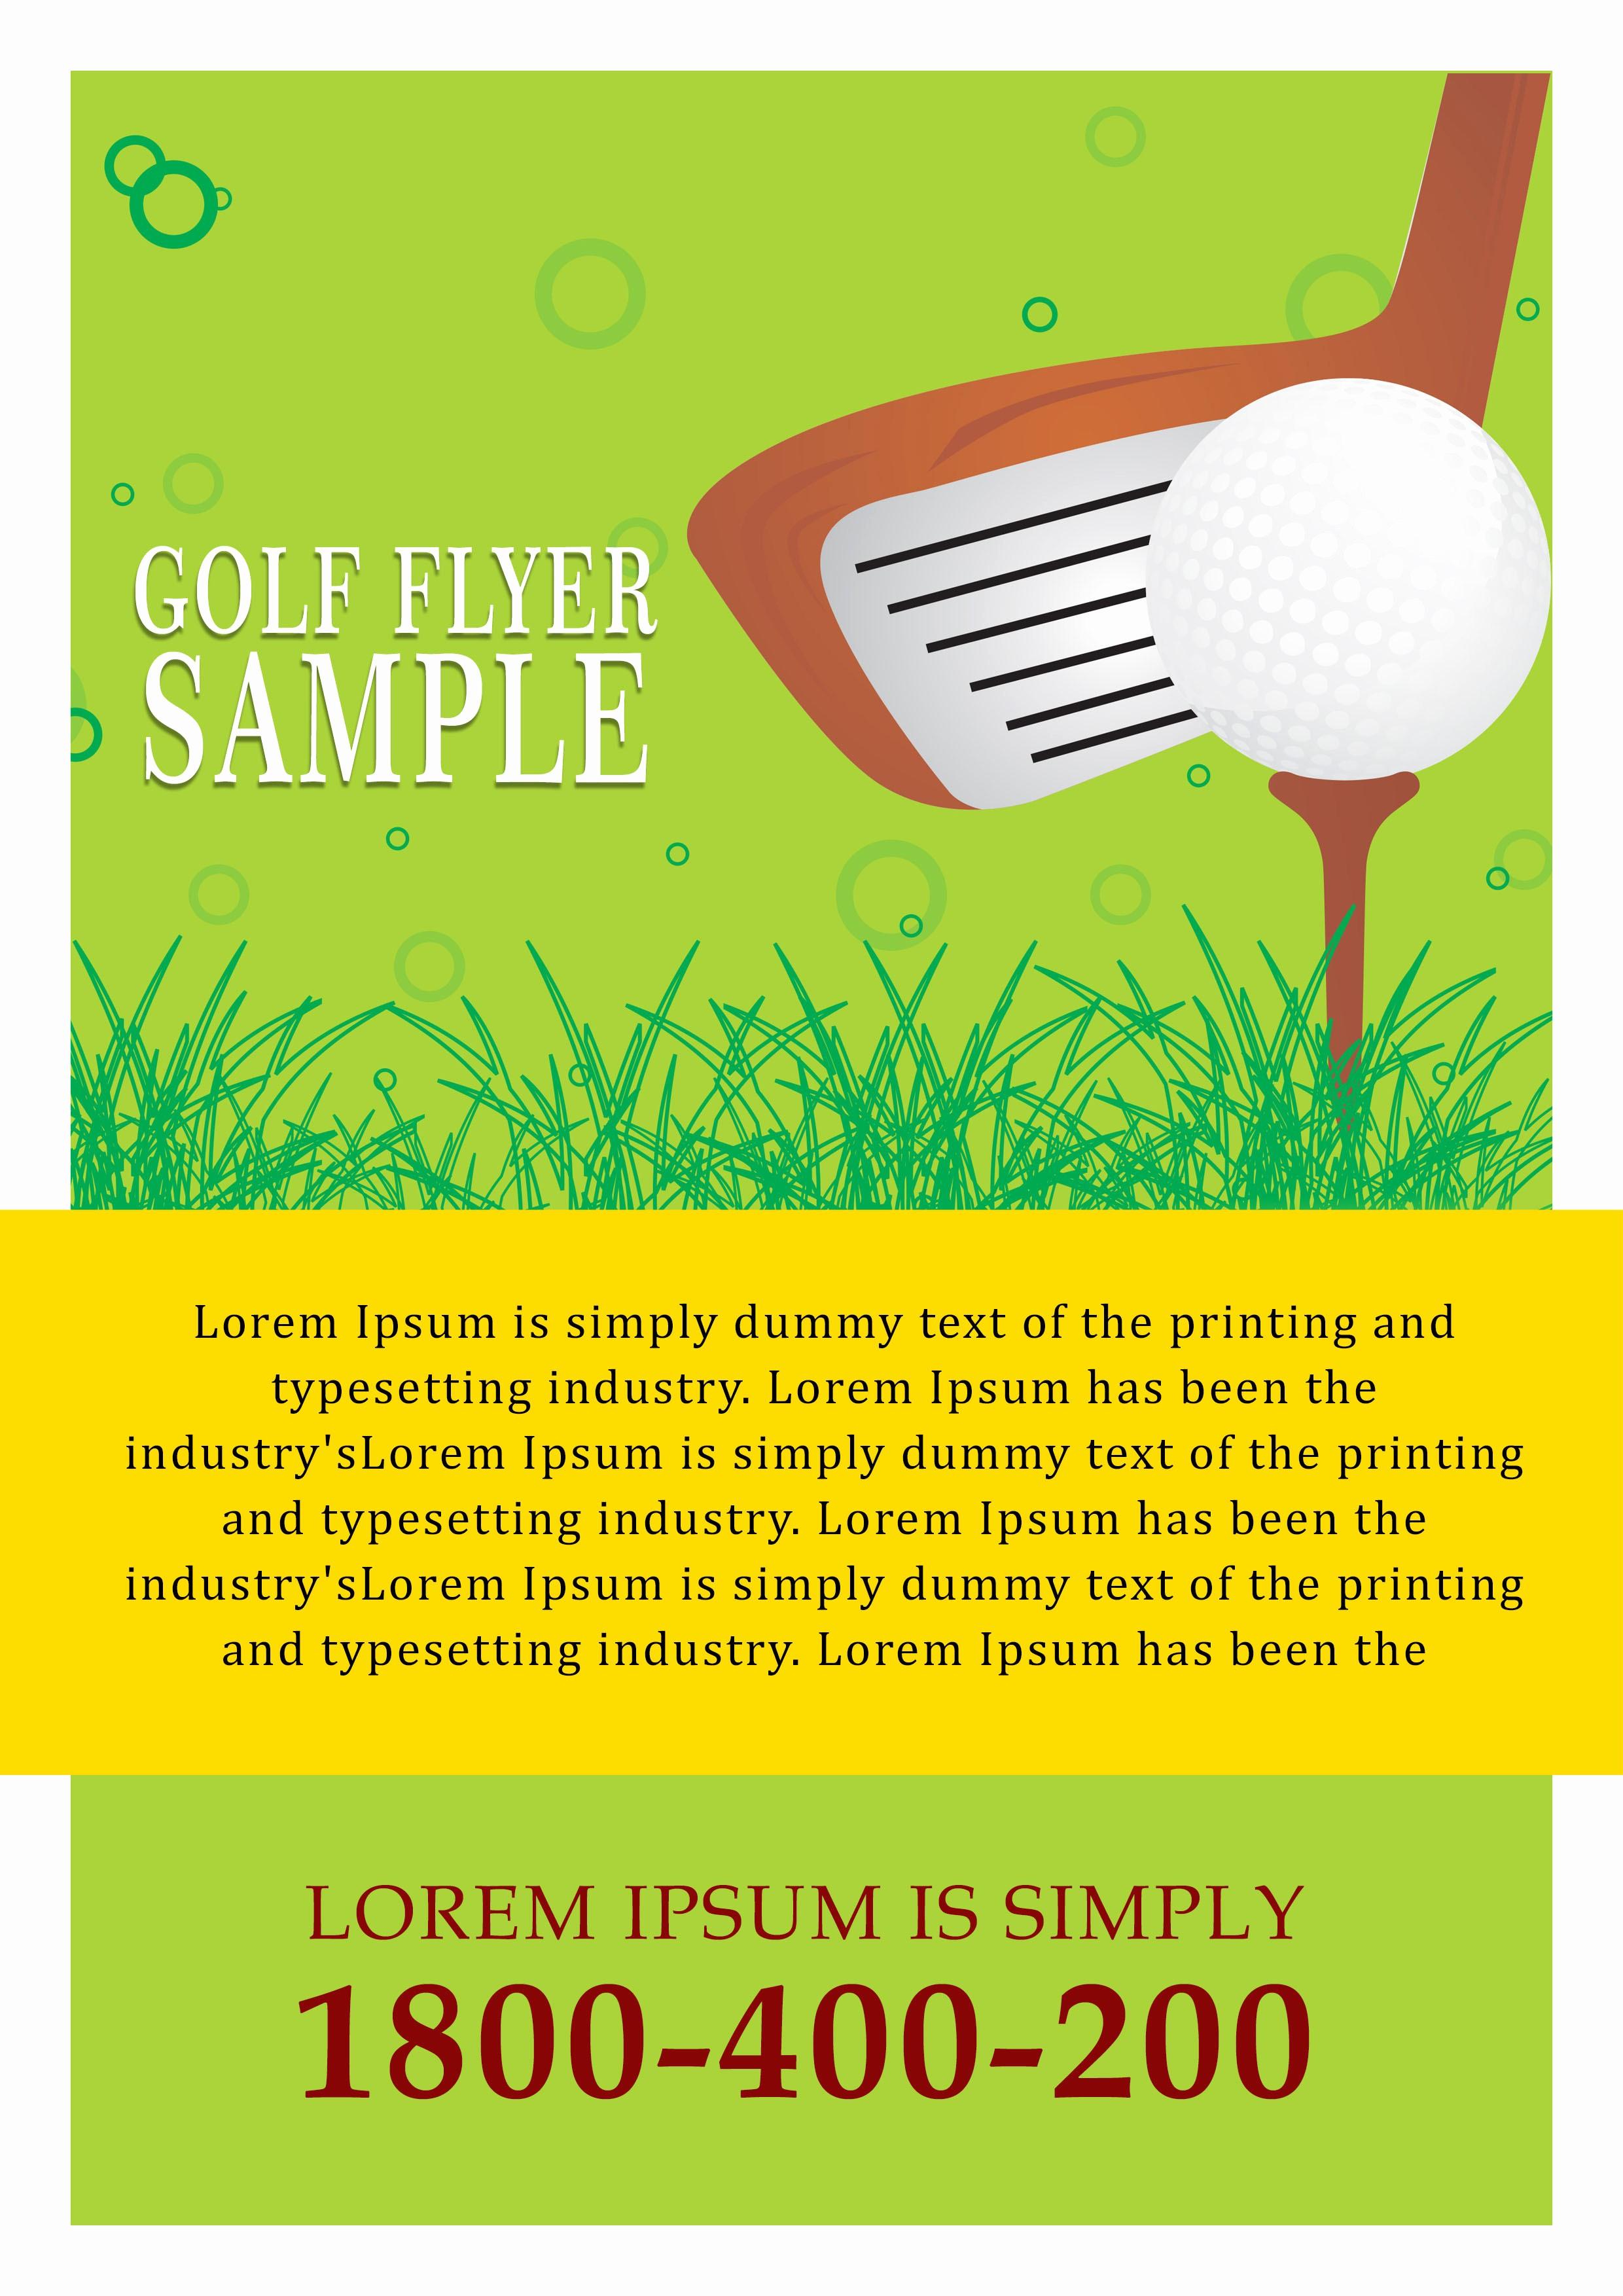 Golf tournament Flyer Template Word Inspirational 15 Free Golf tournament Flyer Templates Fundraiser